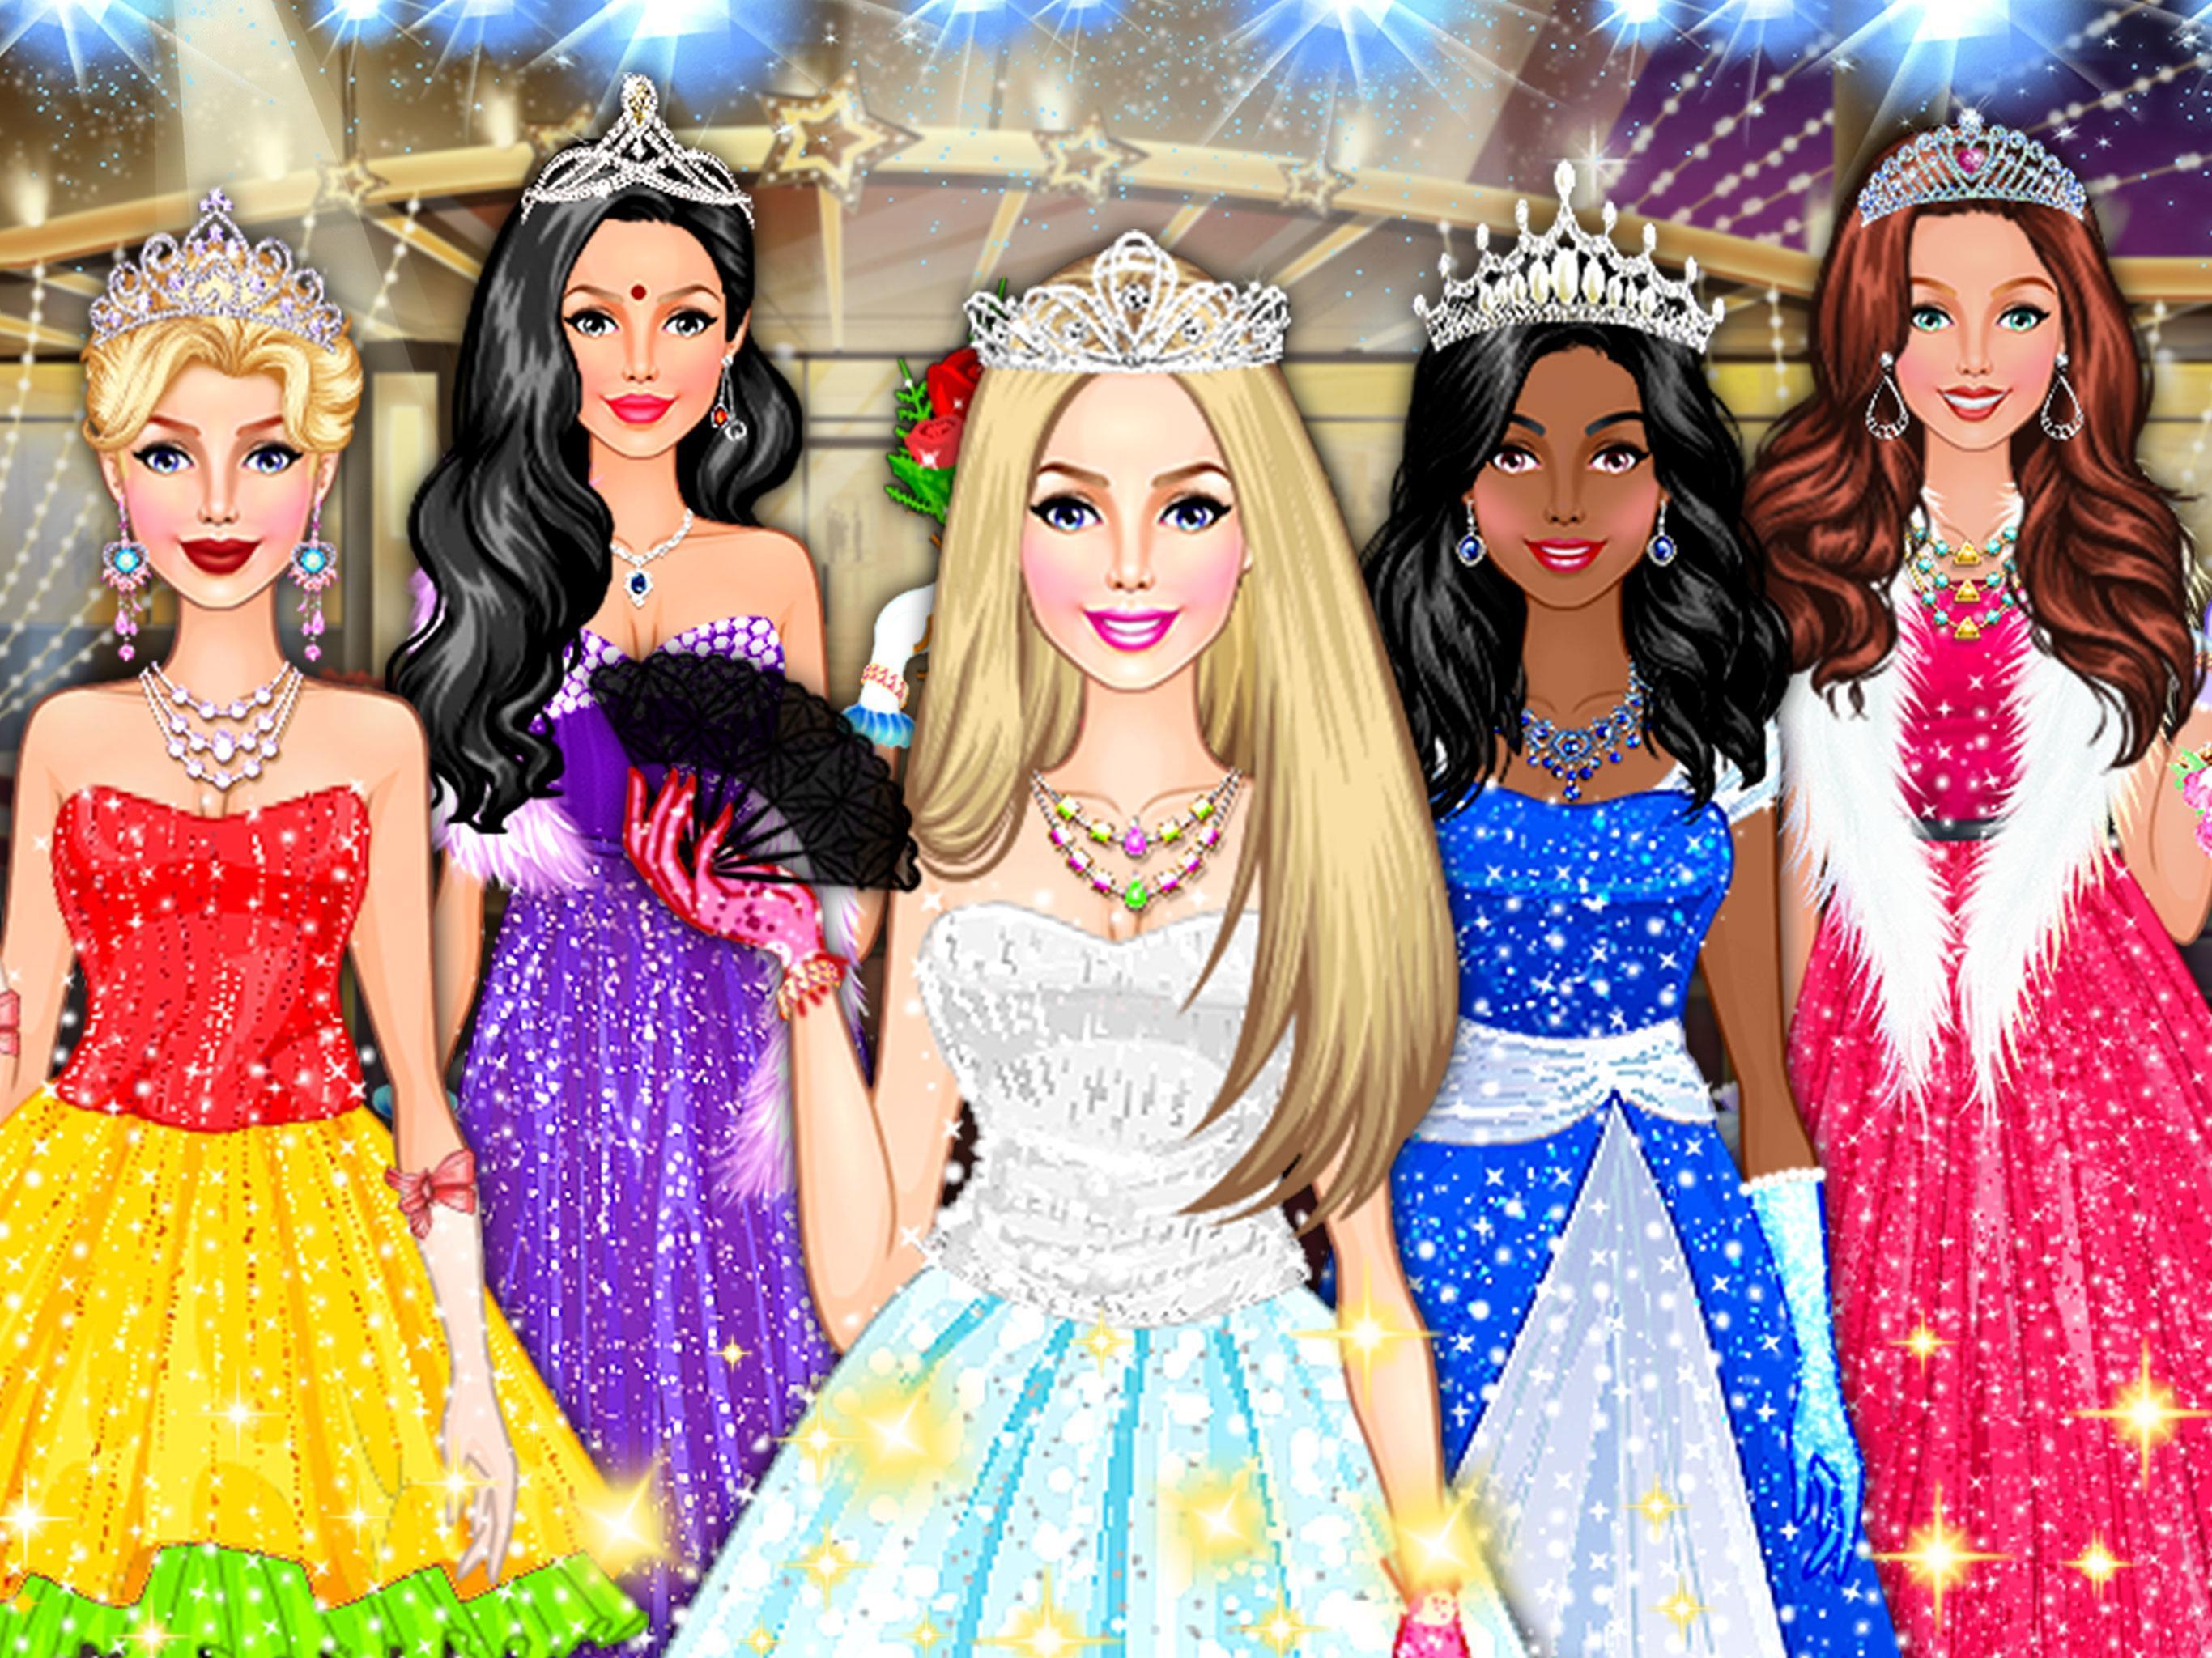 Juegos De Vestir De Reina De La Moda Para Niñas For Android